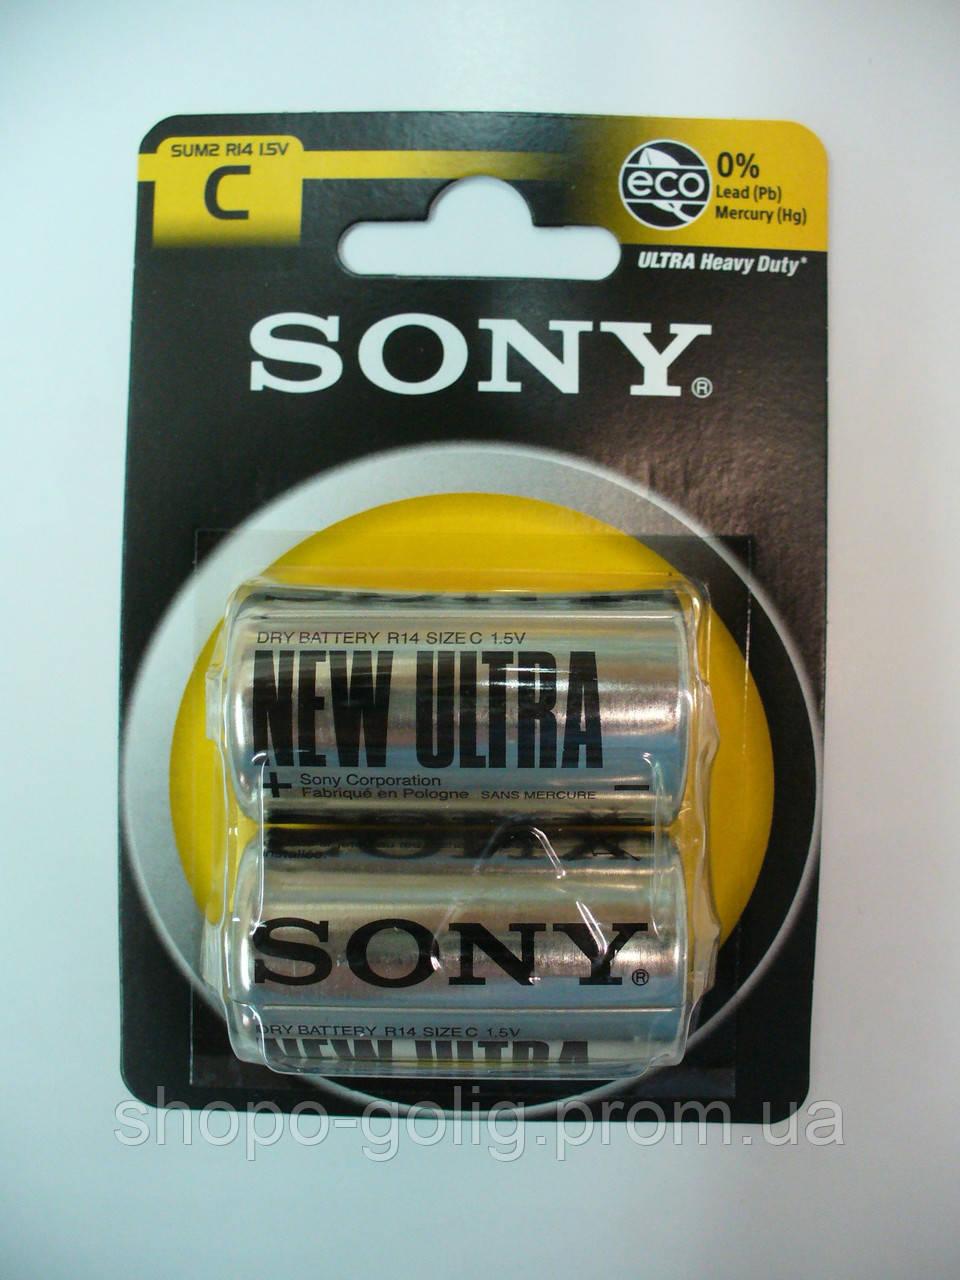 SONY R14 (BL)1X2 ШТ.